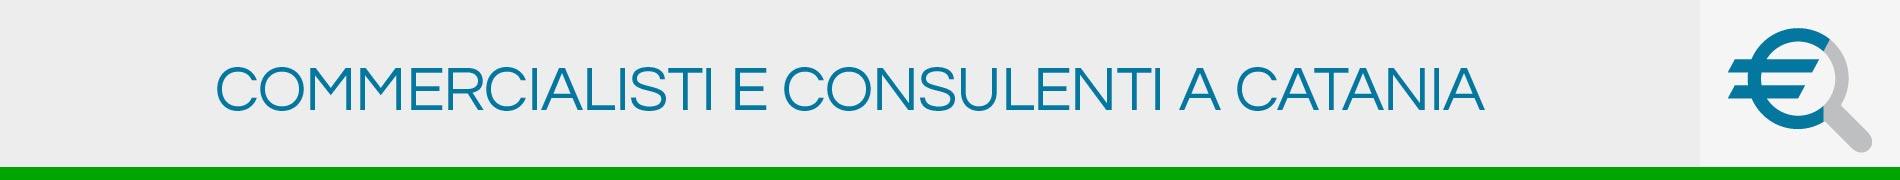 Commercialisti e Consulenti a Catania